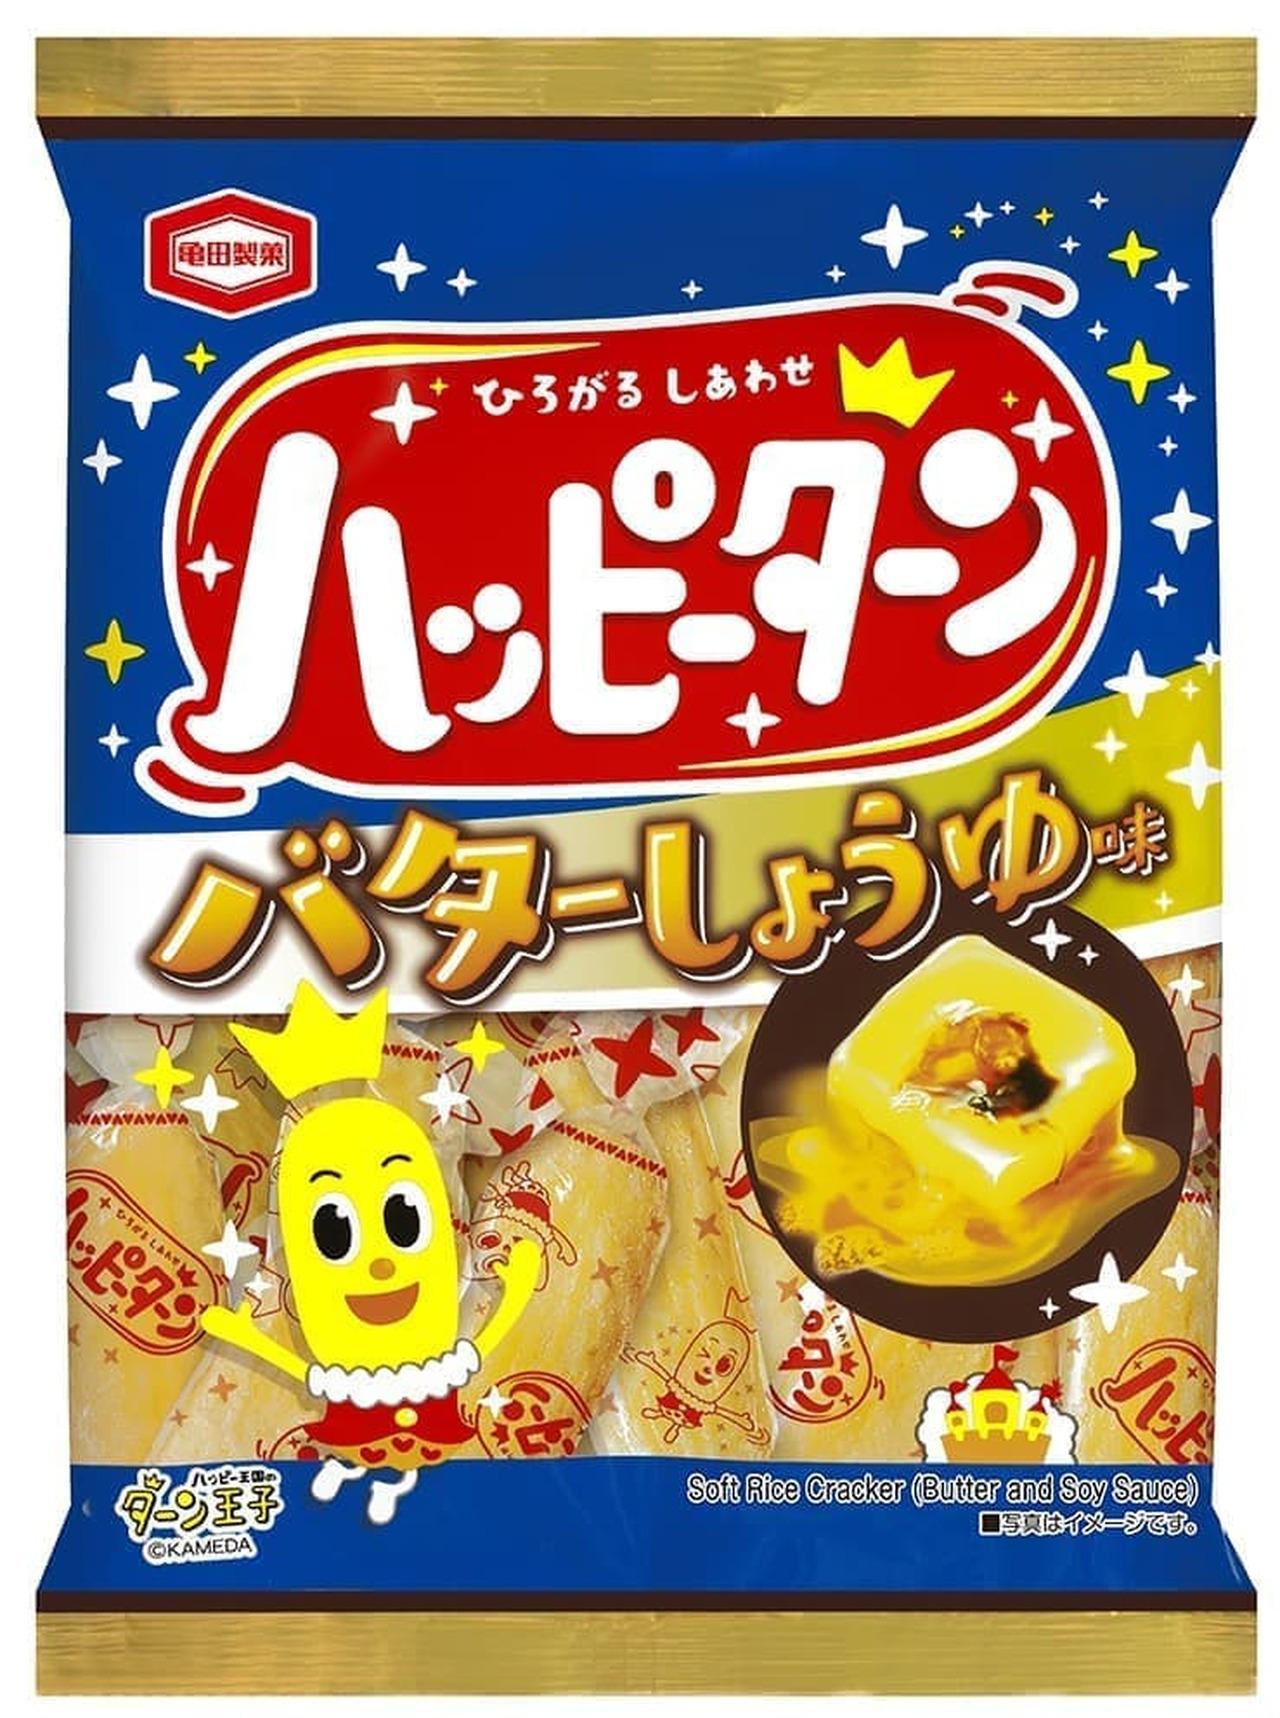 亀田製菓「81g ハッピーターン バターしょうゆ味」